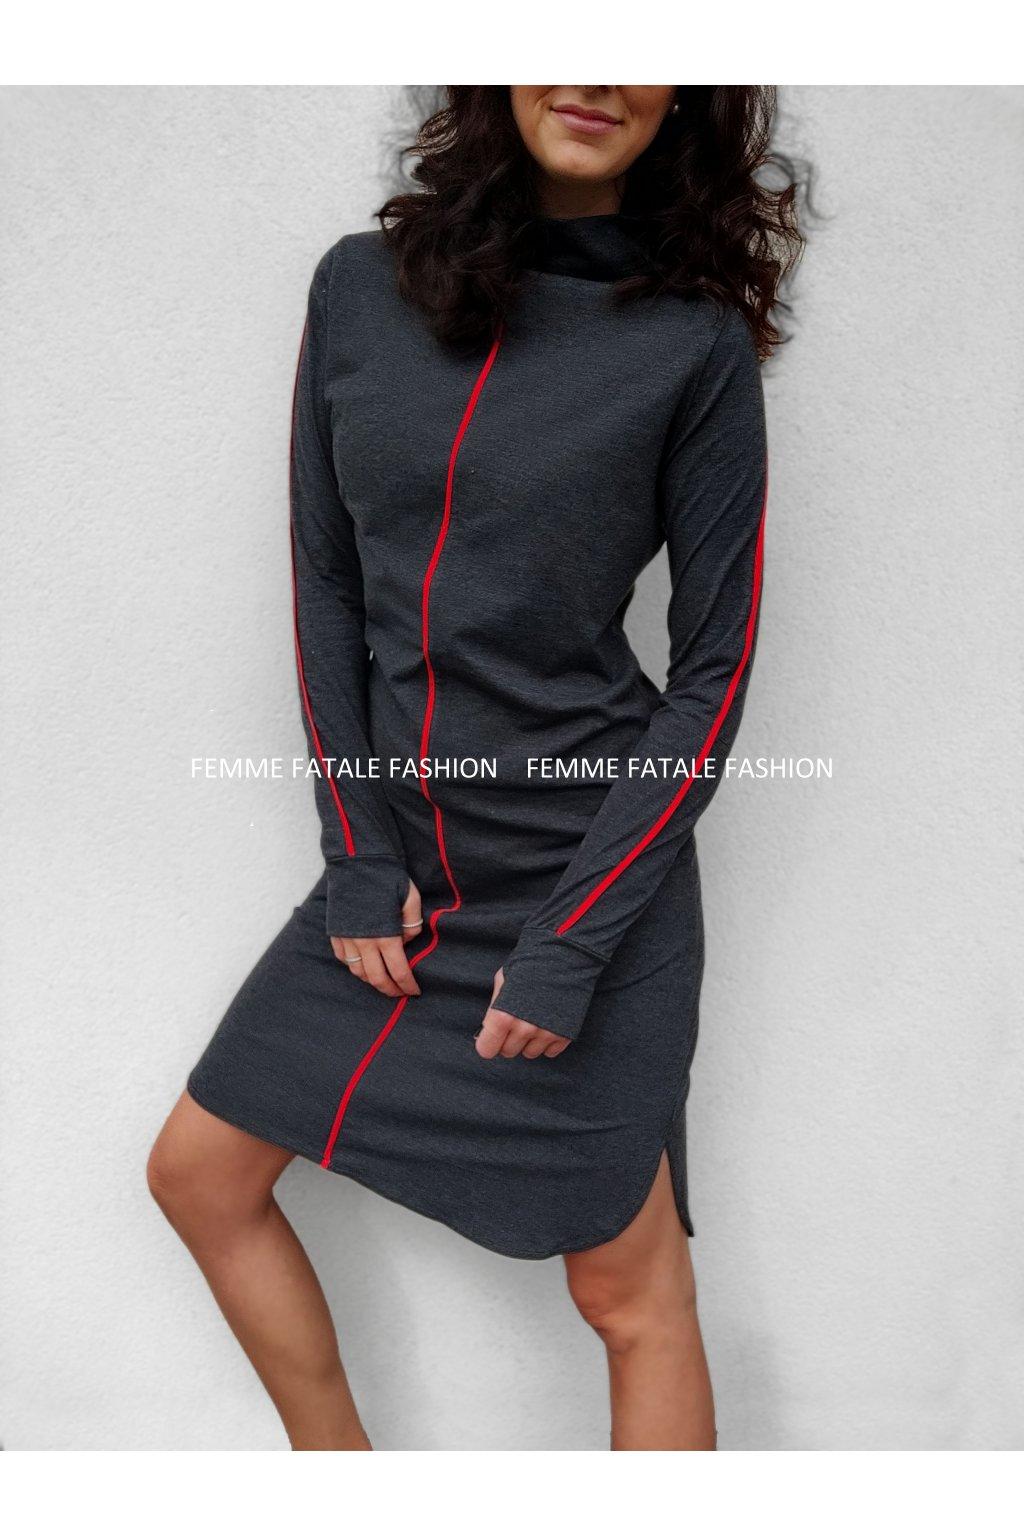 Dámské šaty PETRA femmefatalefashion (4)